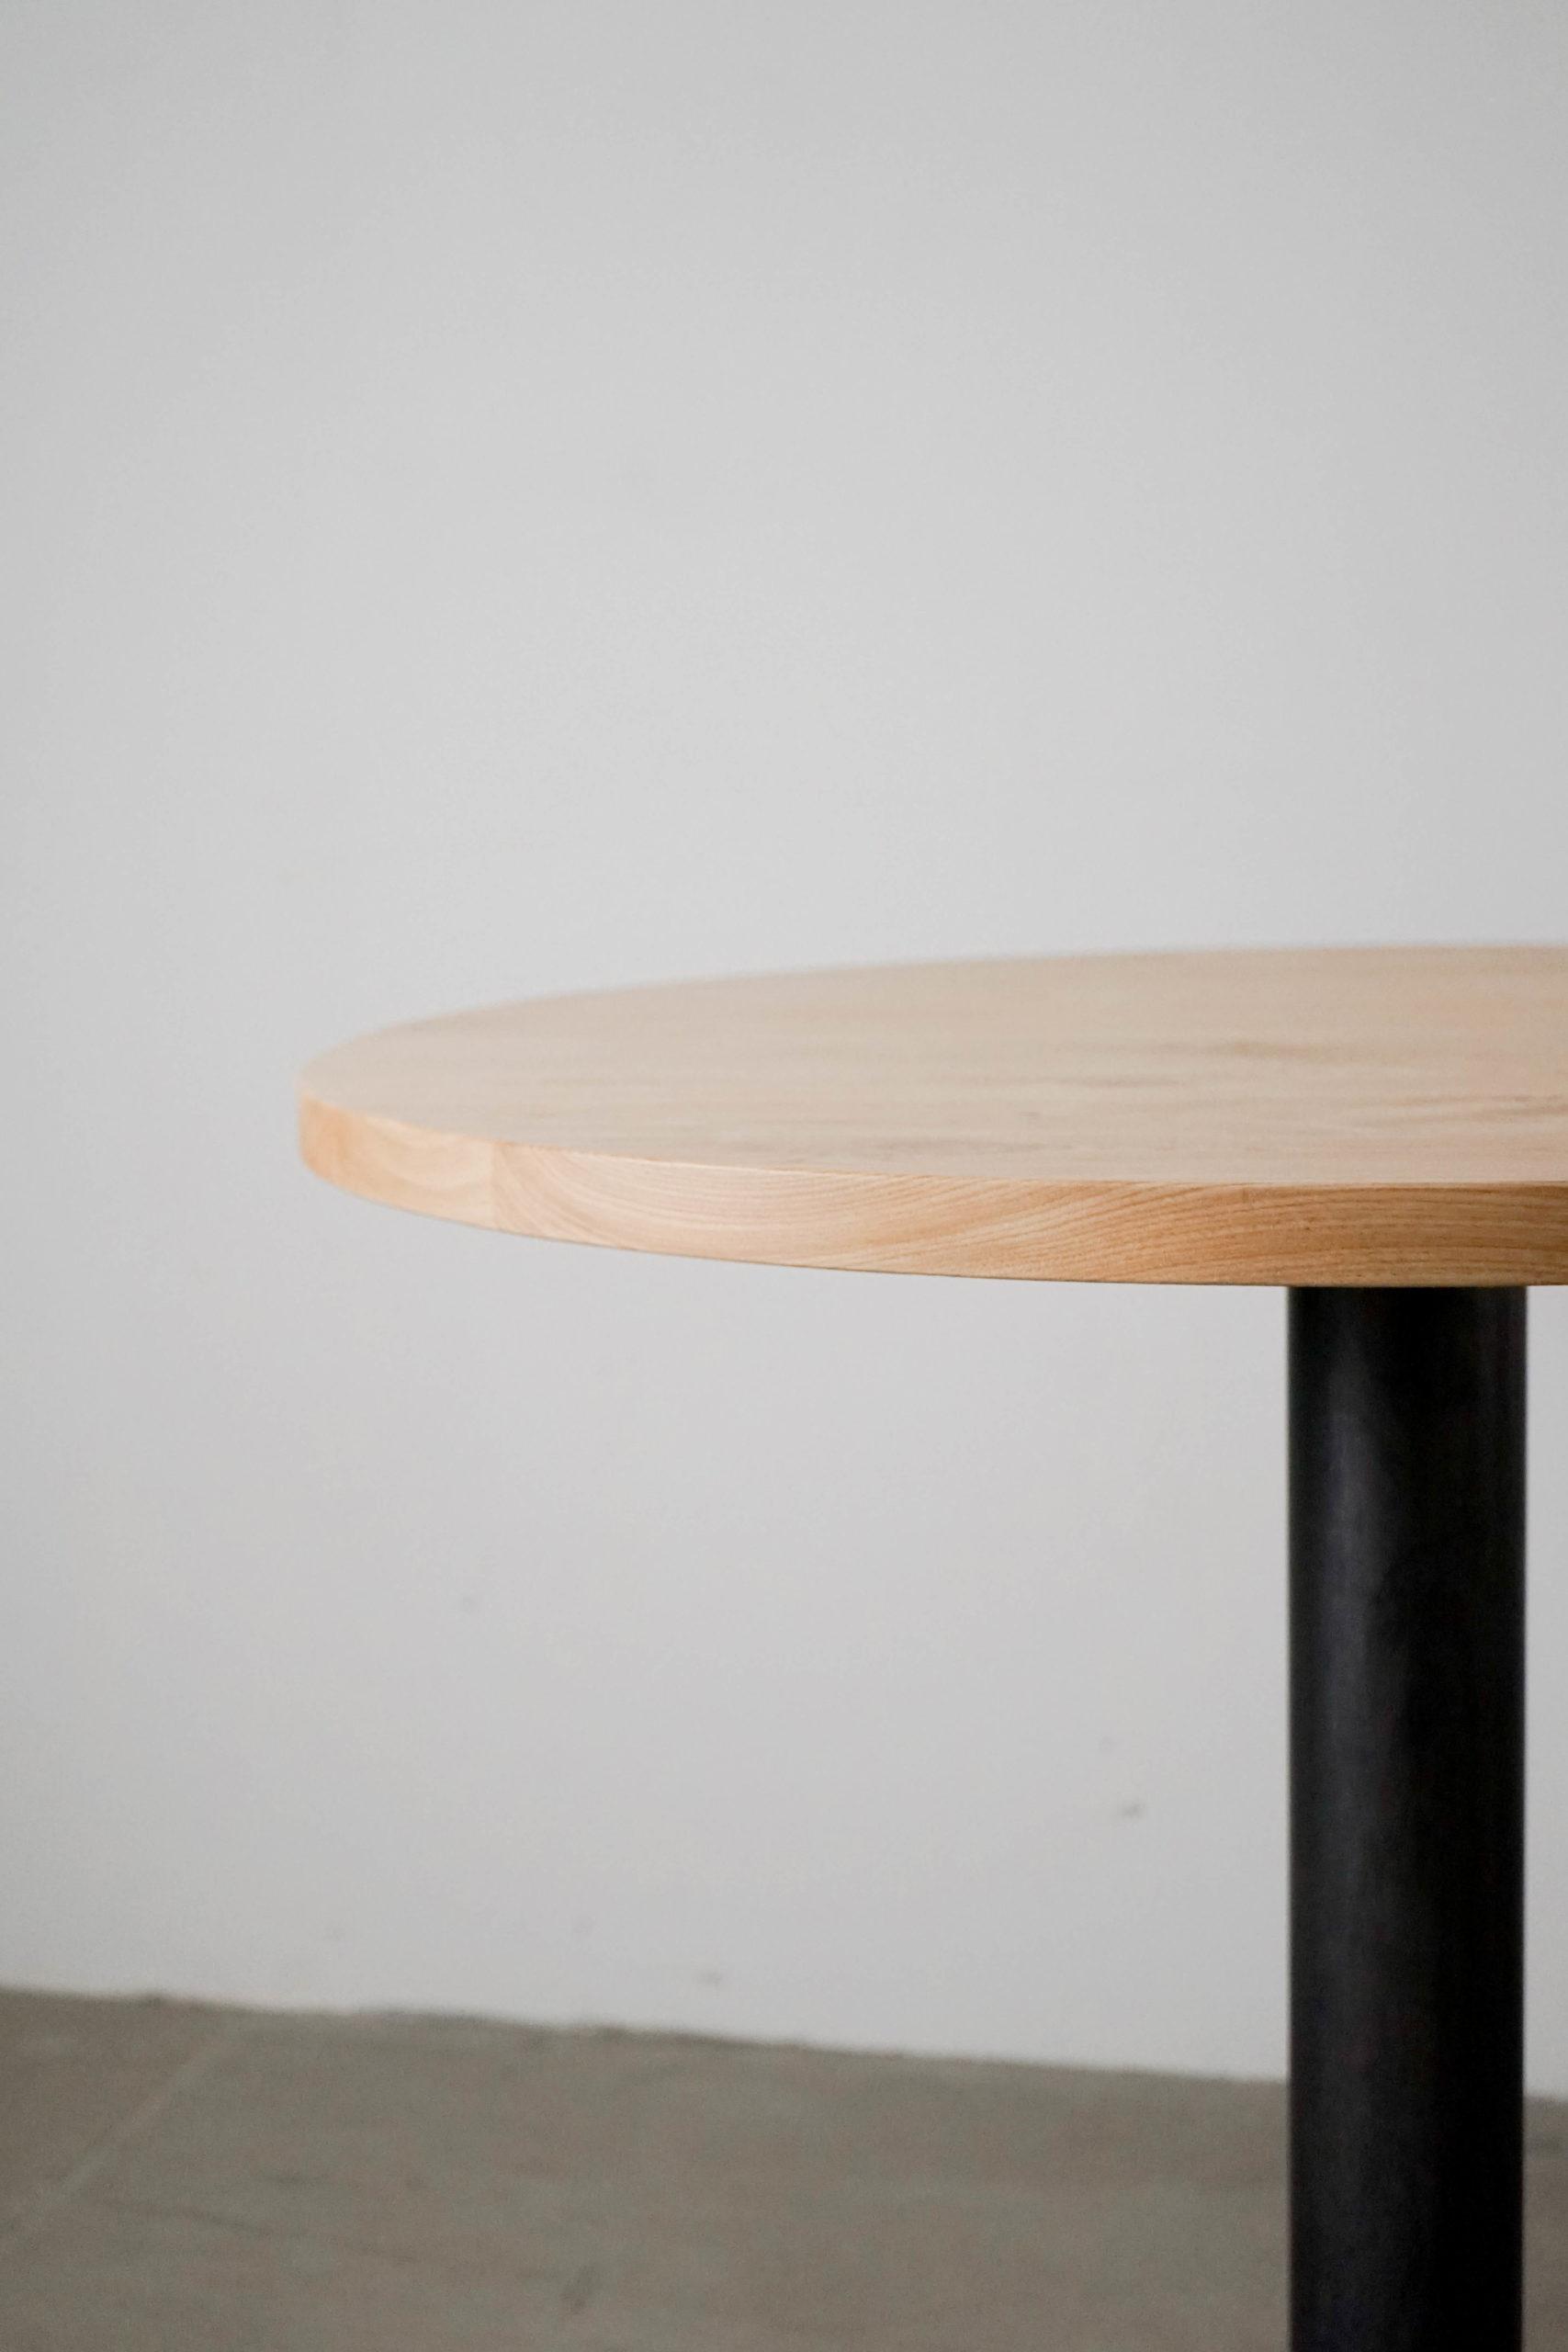 detalle de mesa de madera y metal hecha a mano